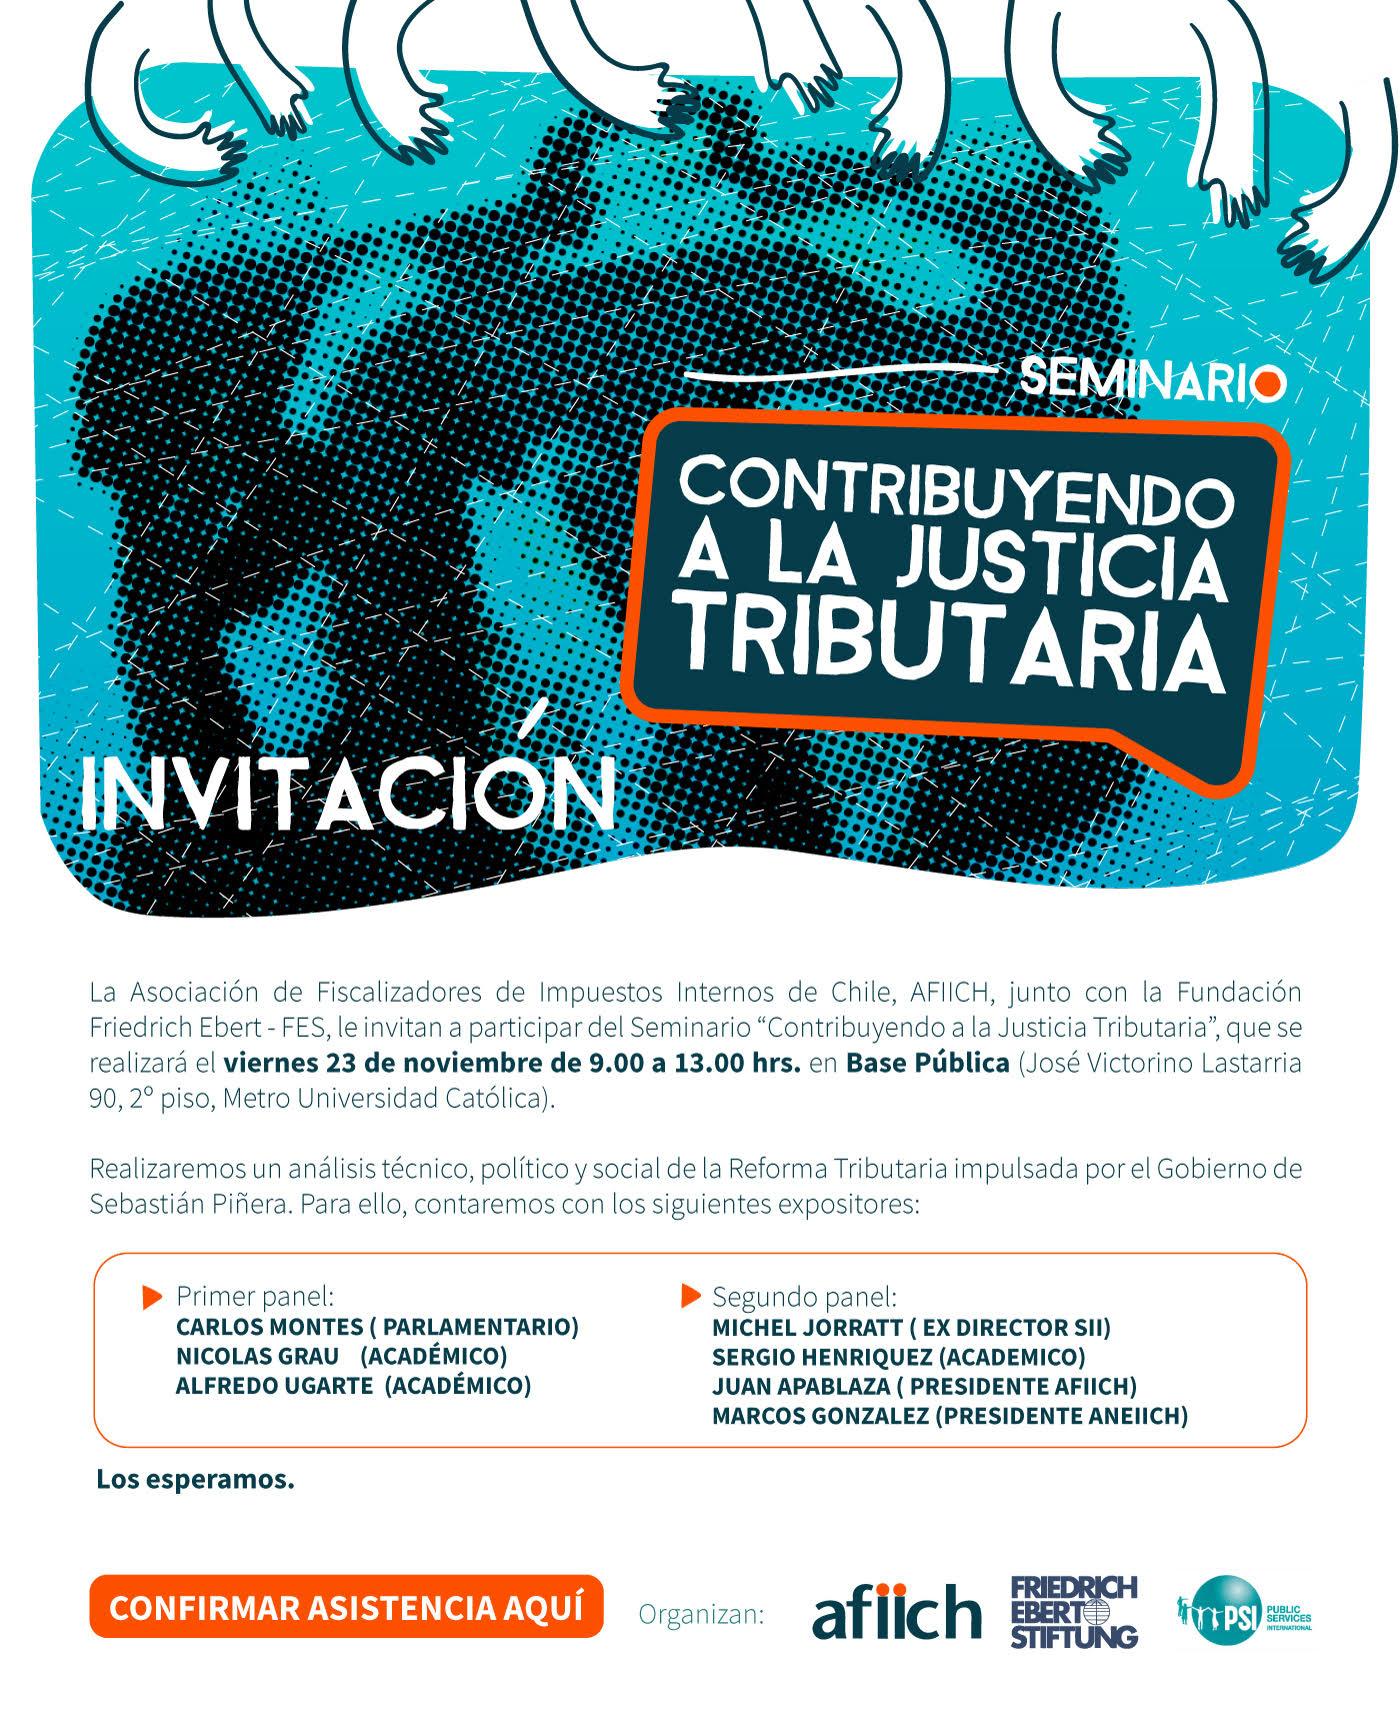 """Destacados panelista participarán en seminario organizado por AFIICH - FES- ISP """"Contribuyendo a la Justicia Tributaria"""" - 20 Noviembre 2018"""